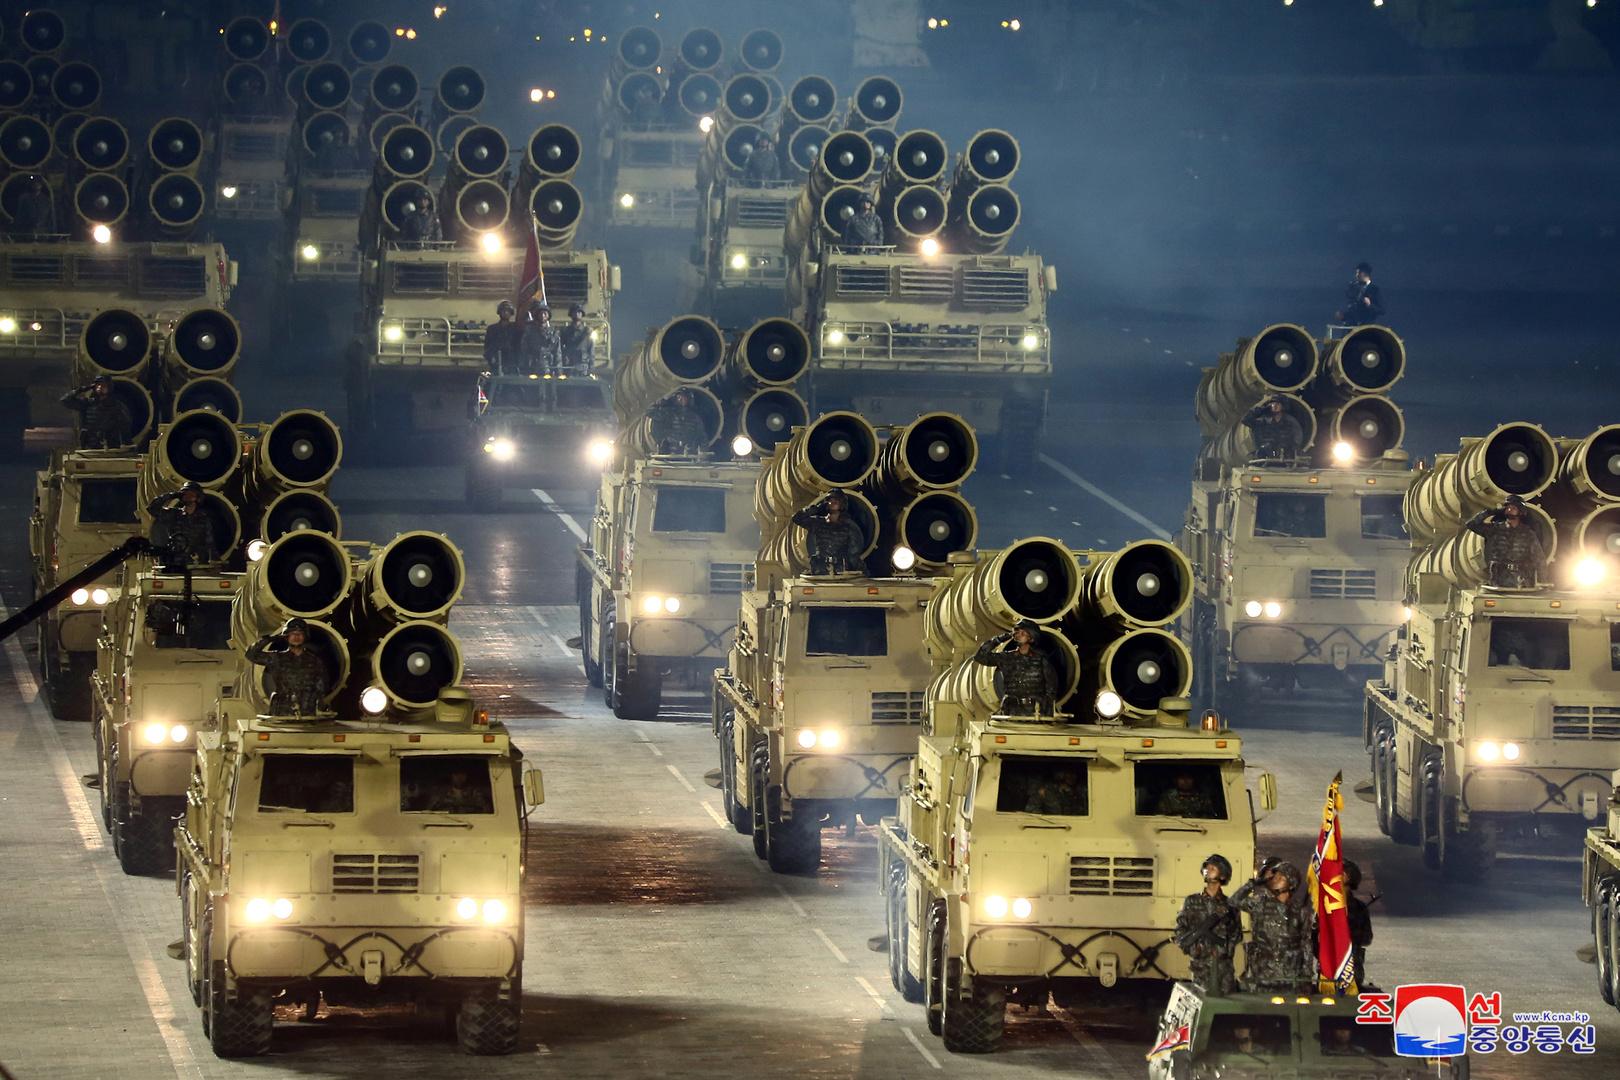 مصدر حكومي كوري جنوبي: يبدو أن كوريا الشمالية تقيم حاليا عرضا عسكريا